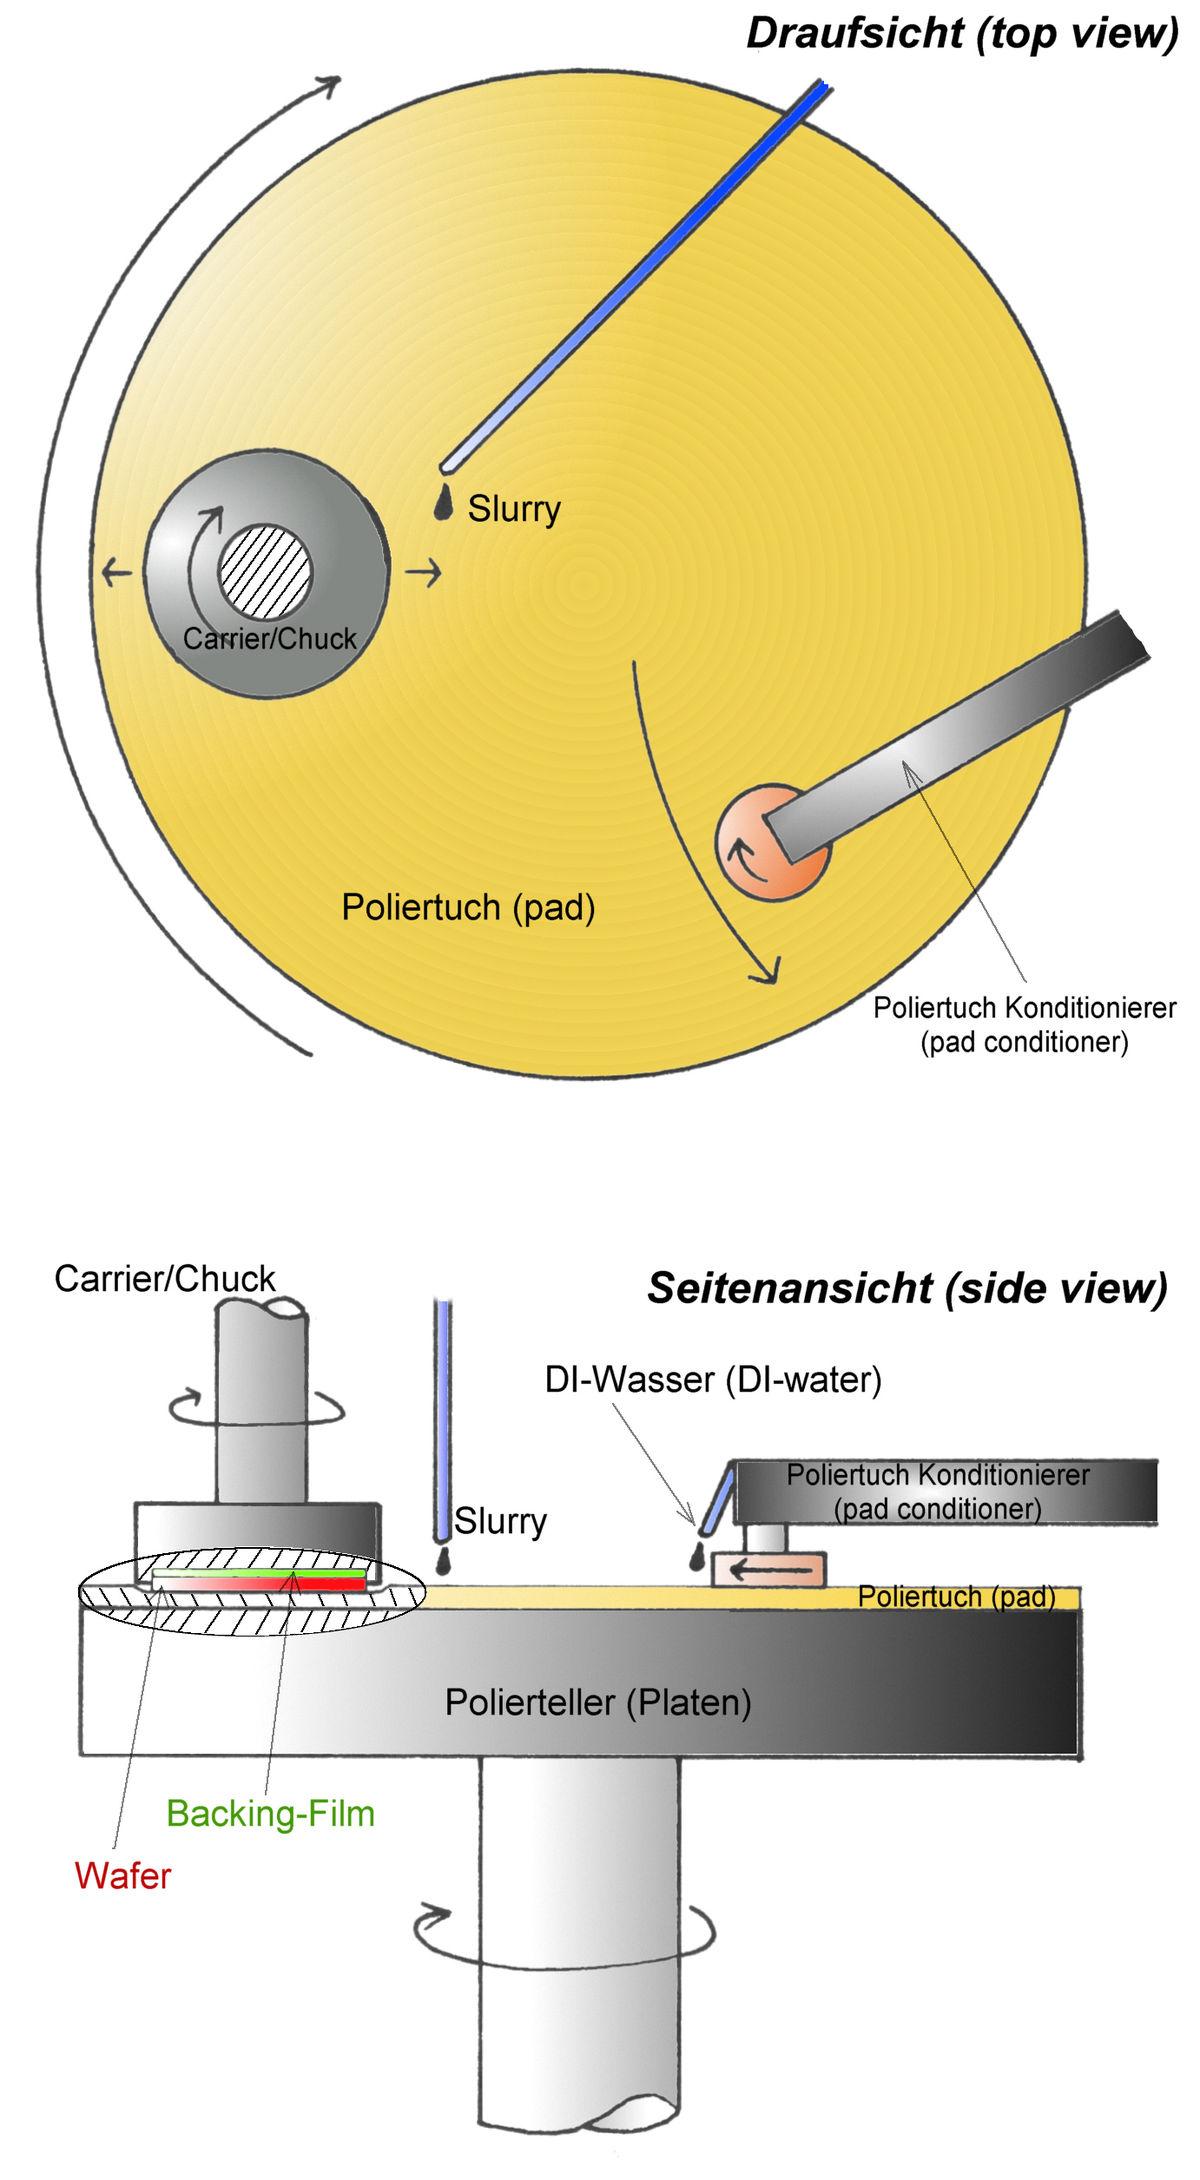 化學機械平坦化 維基百科,自由的百科全書